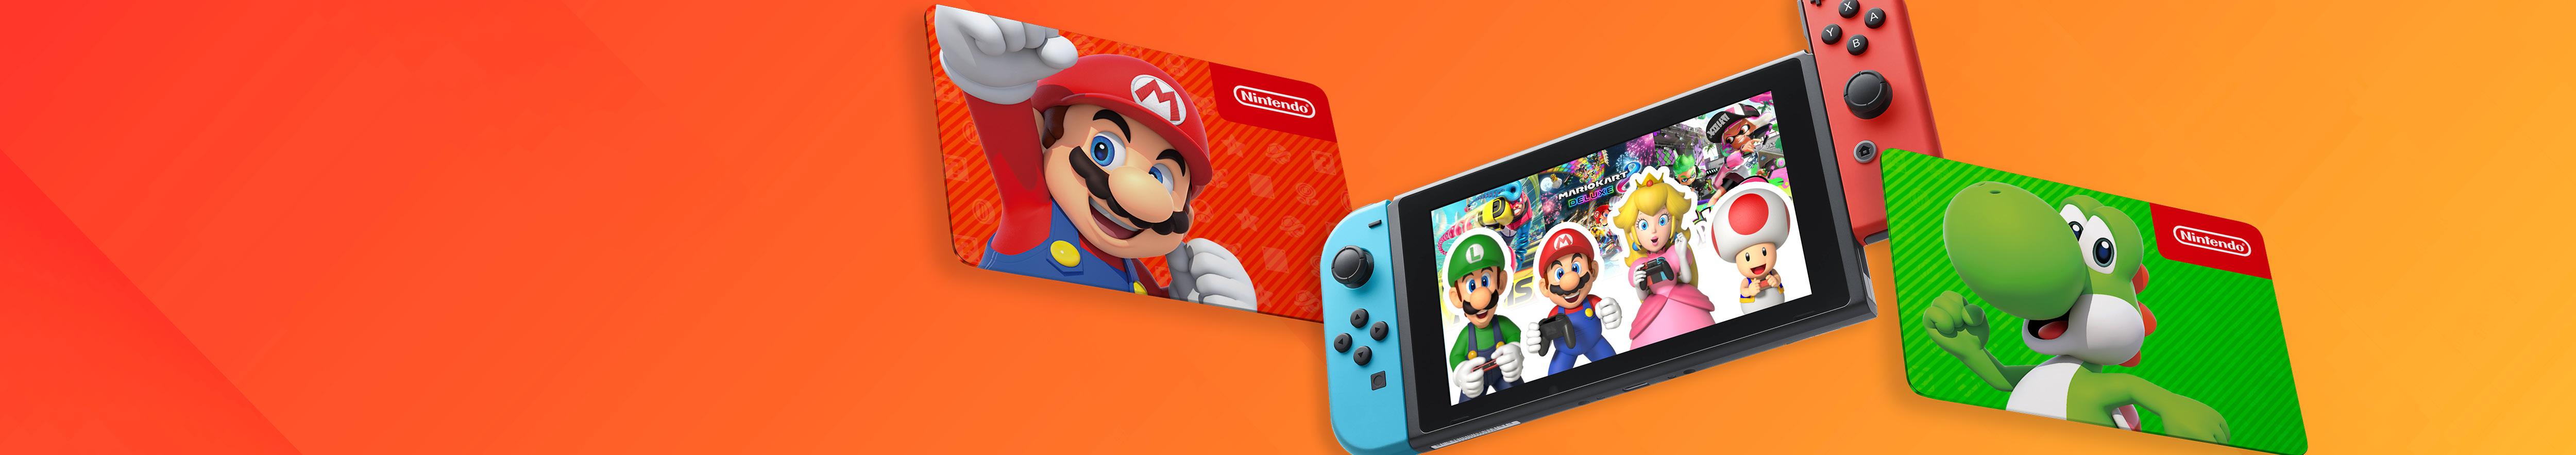 Nintendo Switch Online Top up